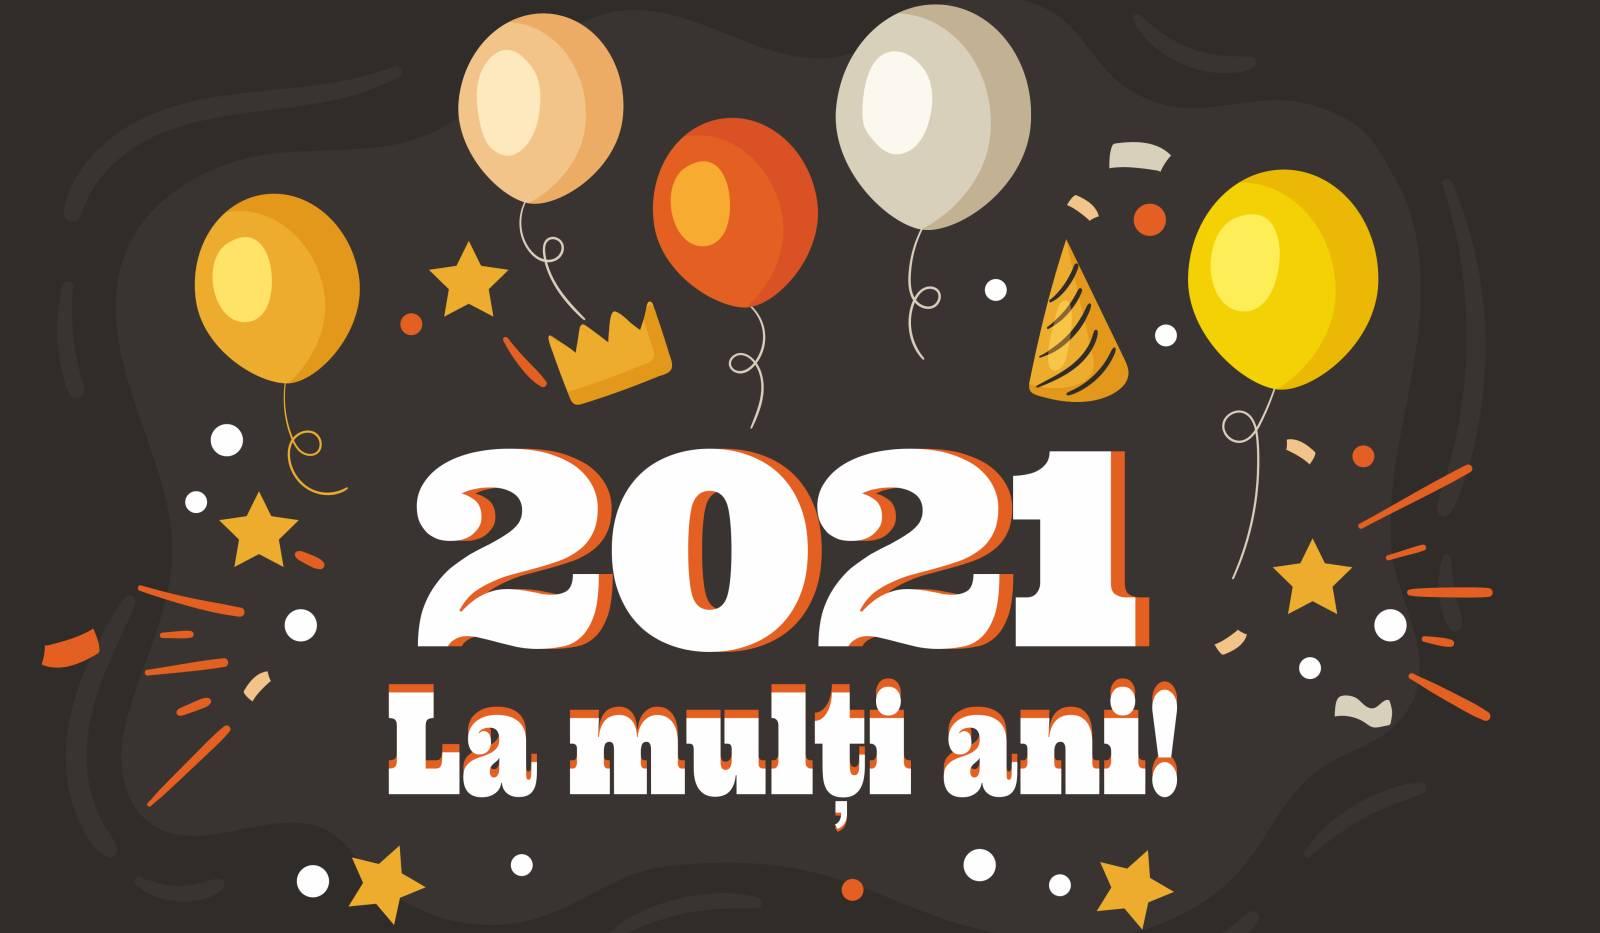 La Multi Ani 2021!